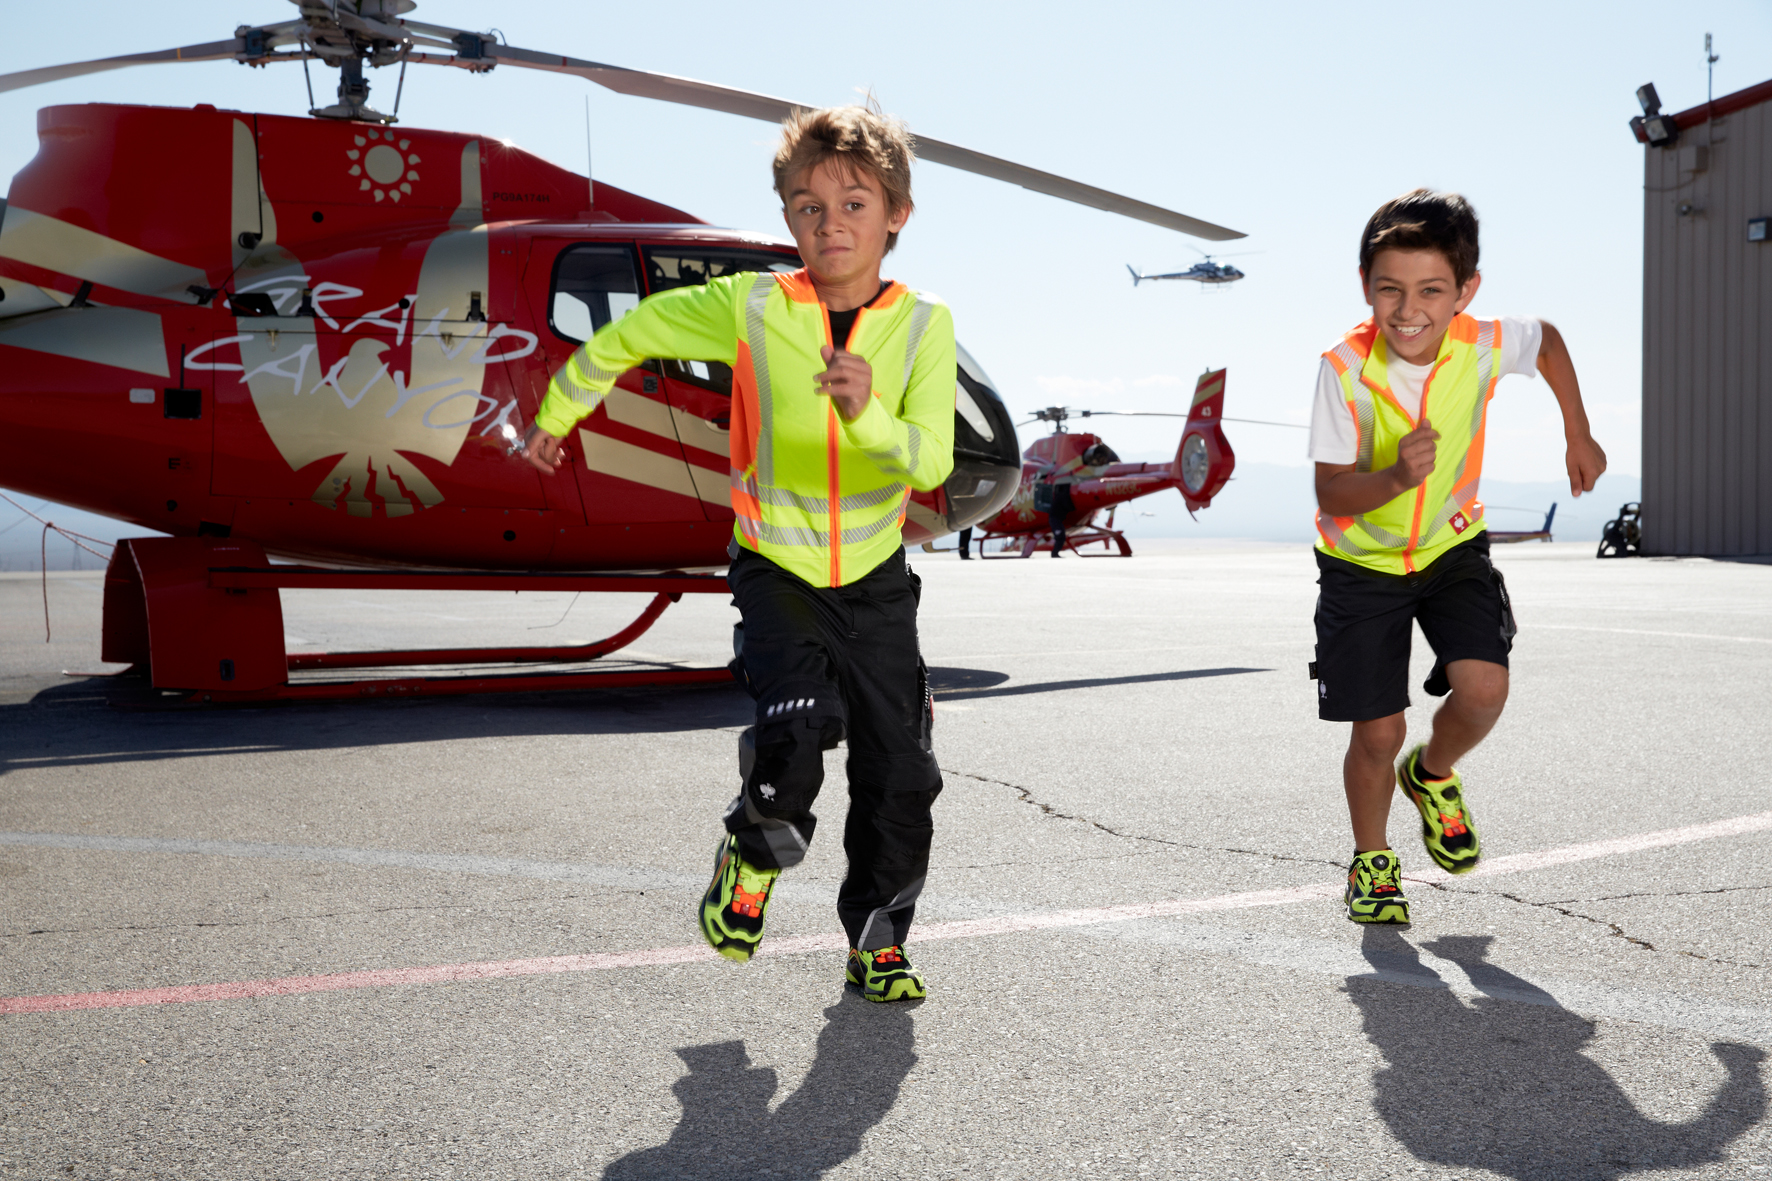 Outdoorkleidung für Kinder | Bild: engelbert strauss